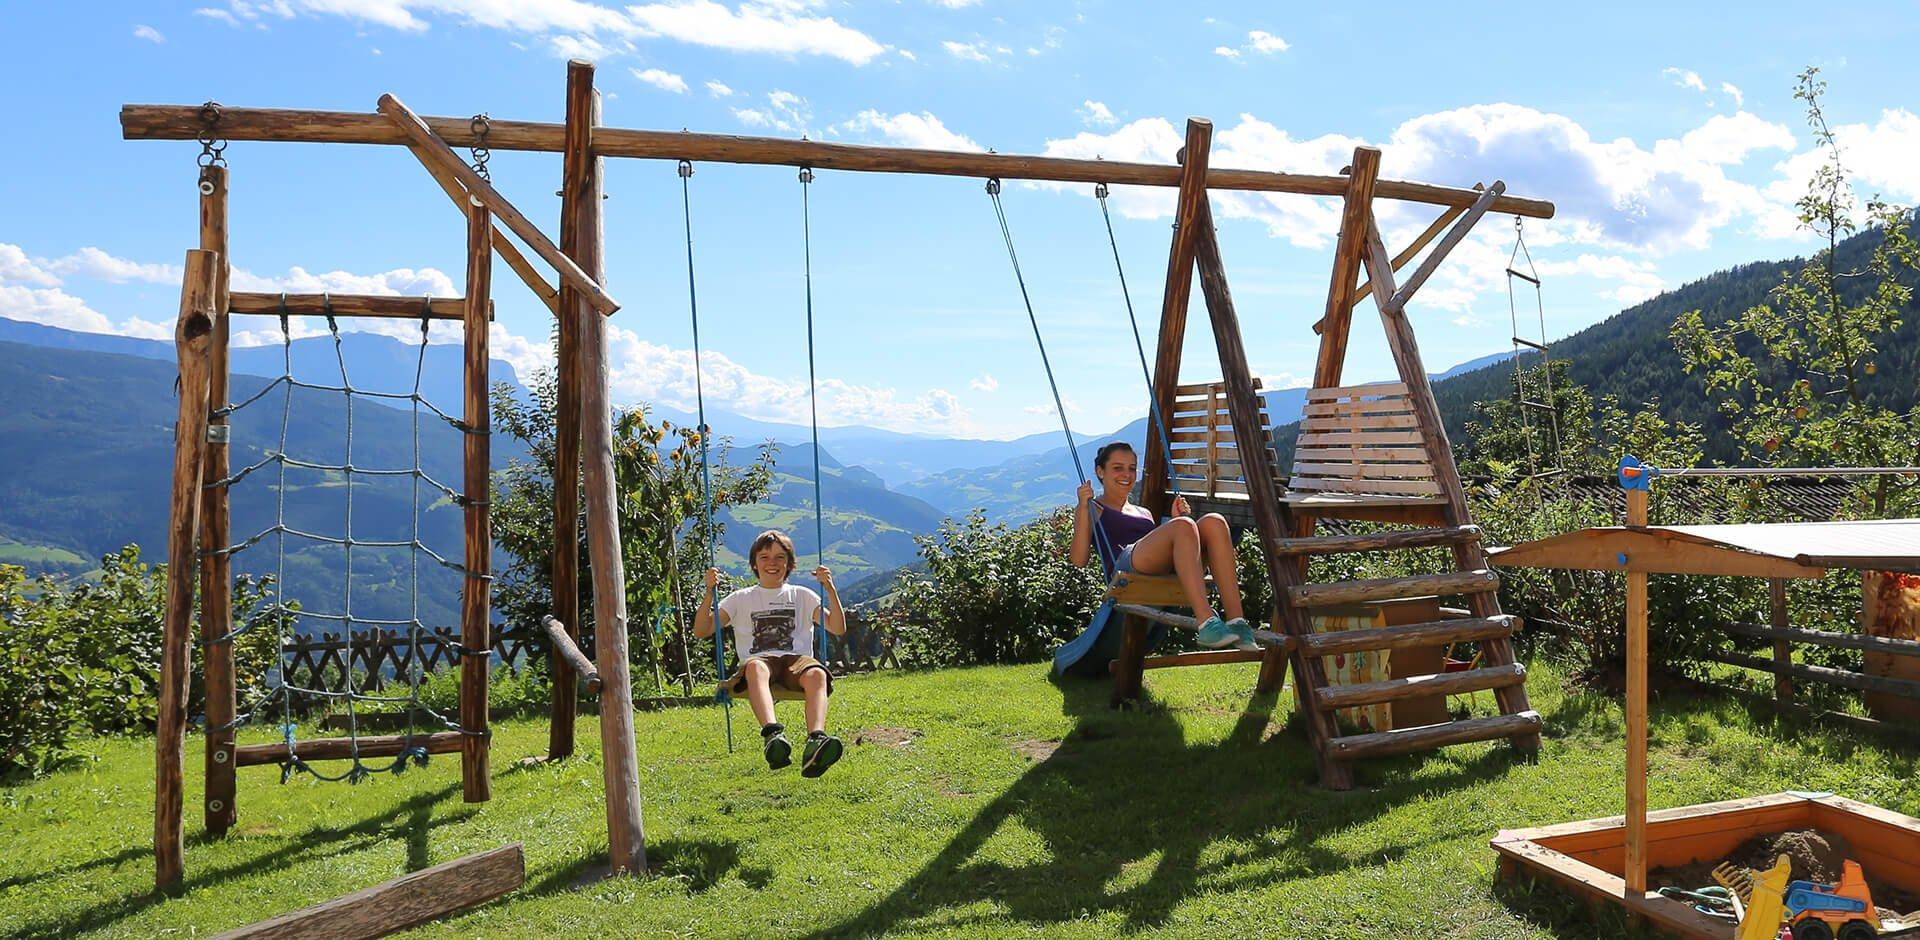 Familienurlaub auf dem Bauernhof Südtirol